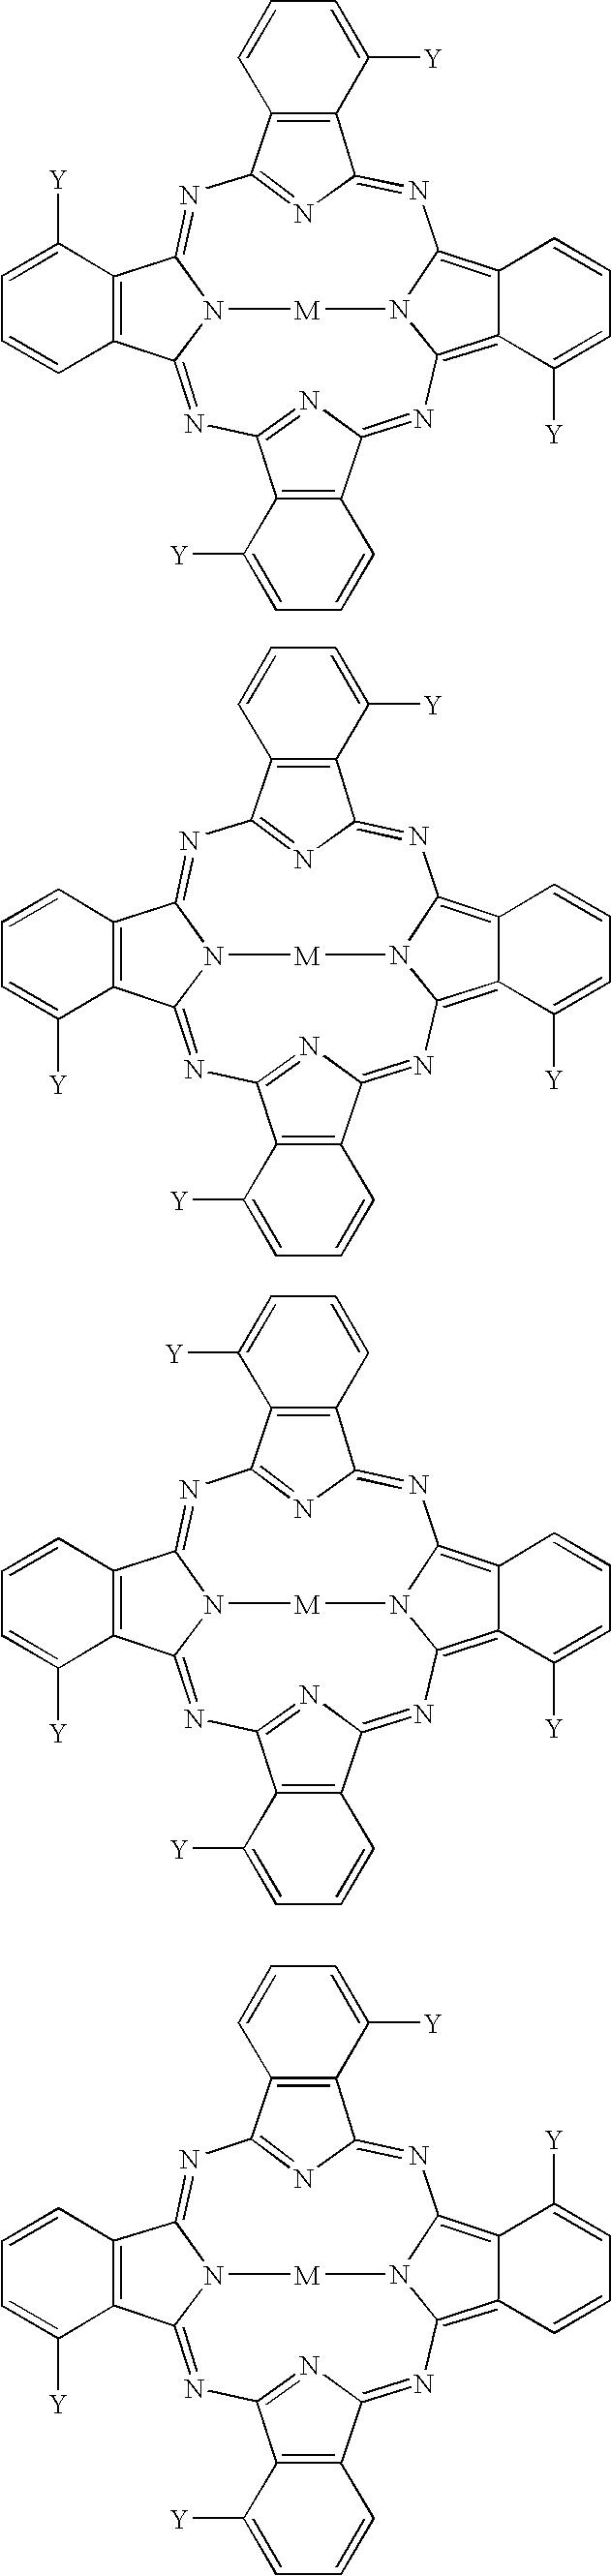 Figure US07056959-20060606-C00003